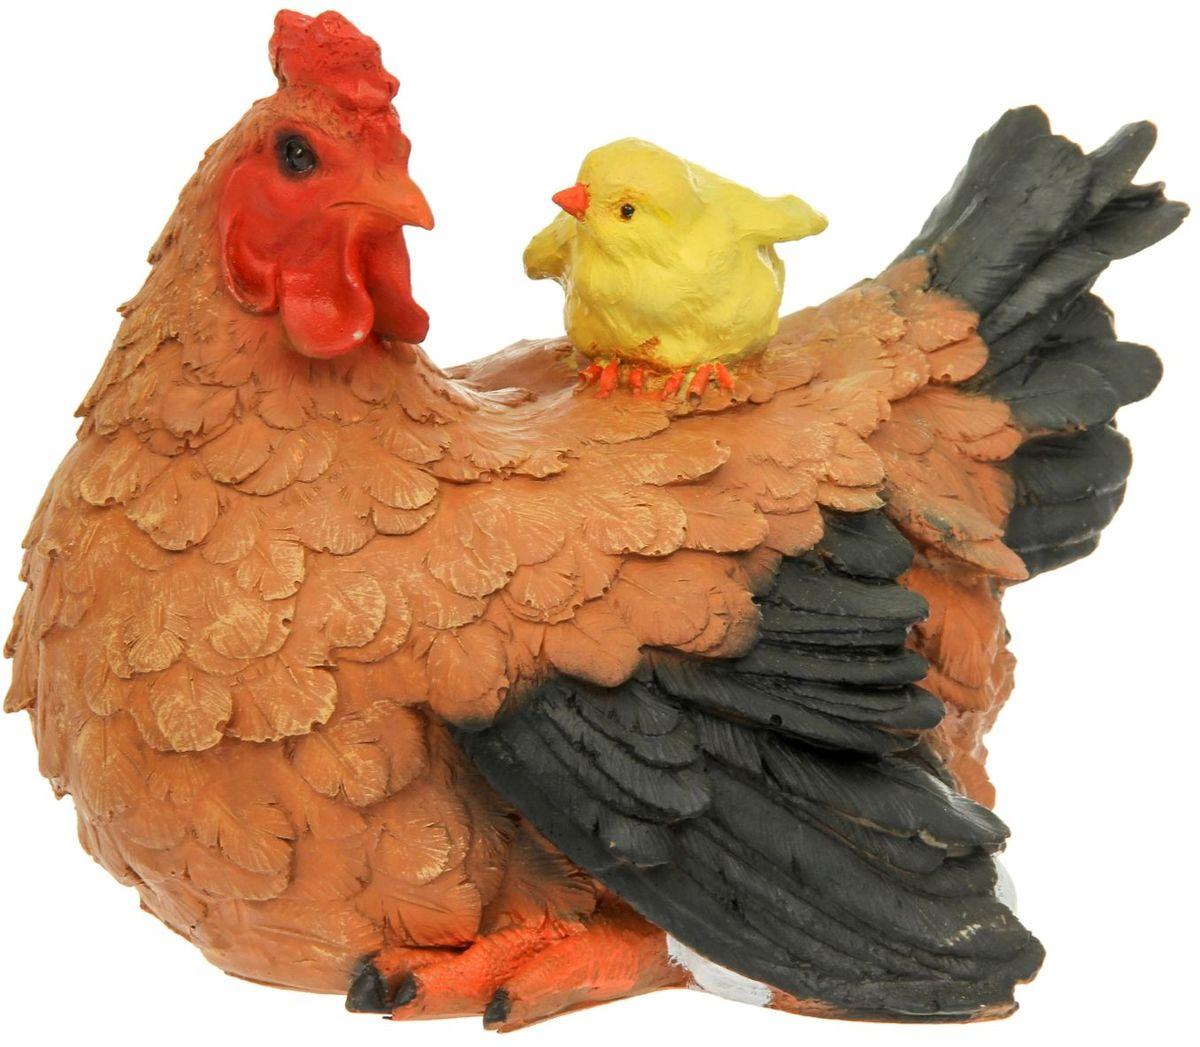 Фигура садовая Рыжая курица с цыпленком, 32 х 22 х 25 см1126899Фигура домашней птицы придаст окружающему пространству ощущение широты и живости. Проявите себя в роли ландшафтного дизайнера. Расставляйте акценты с помощью садового декора: например, чтобы привлечь внимание к клумбе, поставьте фигуру рядом с ней. Садовая фигура из полистоуна (искусственного камня) — оптимальное решение для уличных условий. Этот материал не выцветает на солнце, даже если находится под воздействием ультрафиолета круглый год. Искусственный камень имеет низкую пористость, поэтому ему не страшна влага и на нем не появятся трещины. Садовая фигура будет хранить красоту сада долгие годы.